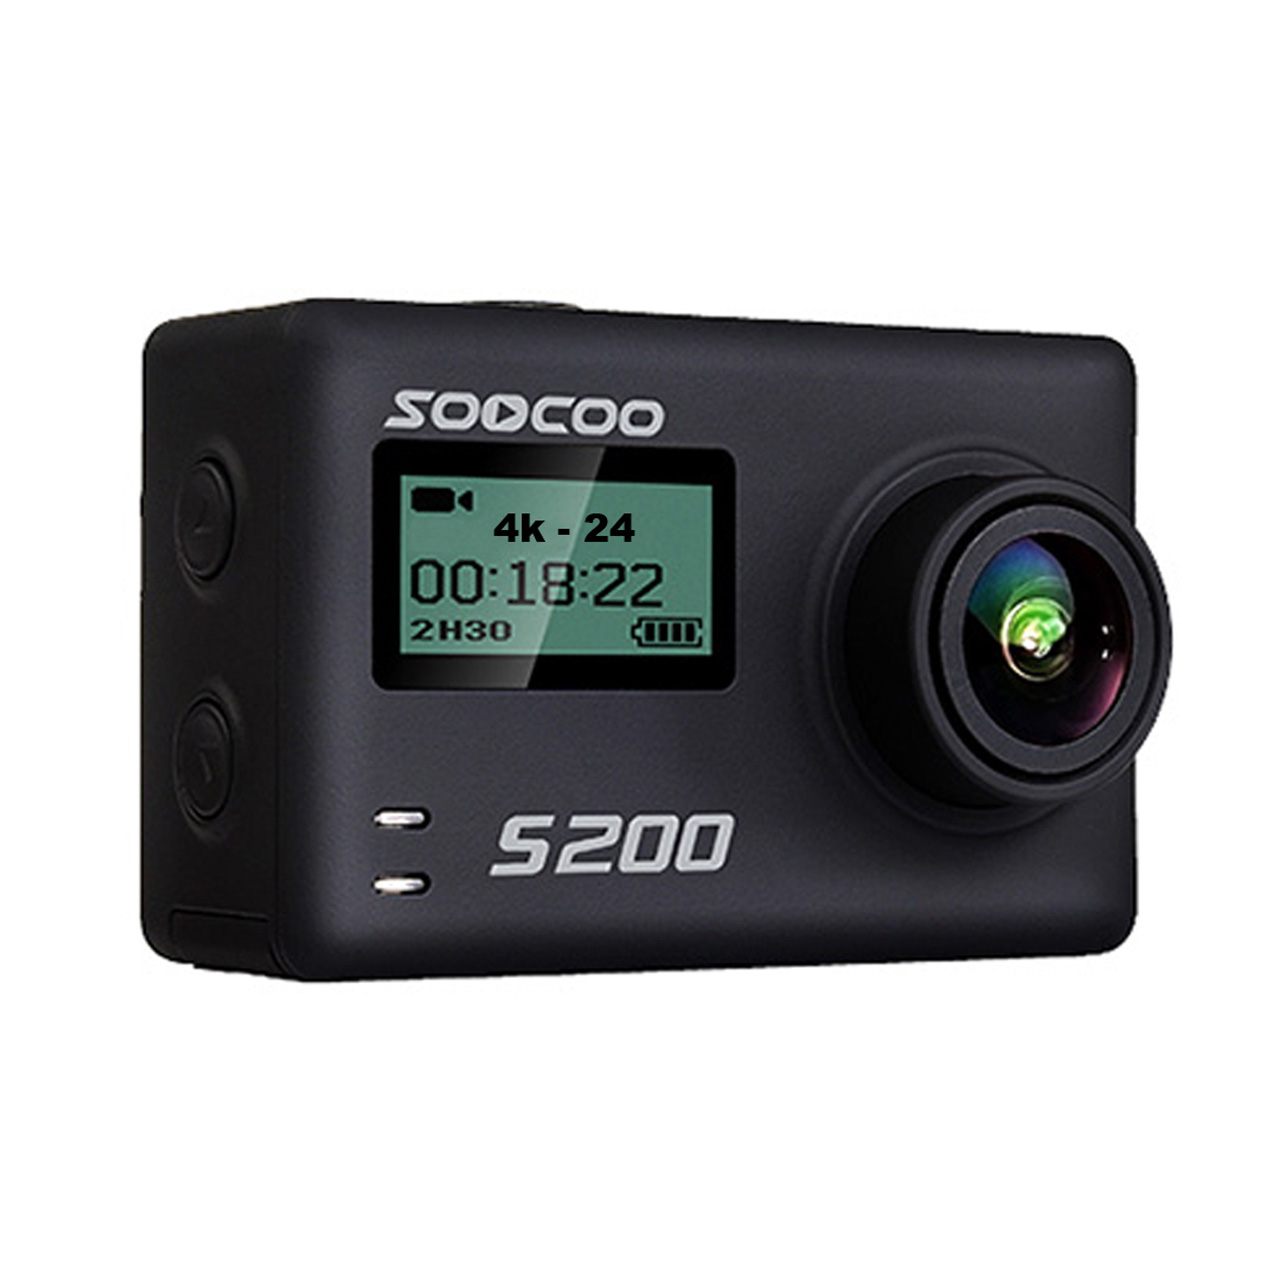 دوربین فیلم برداری ورزشی سوکو Soocoo مدل S200